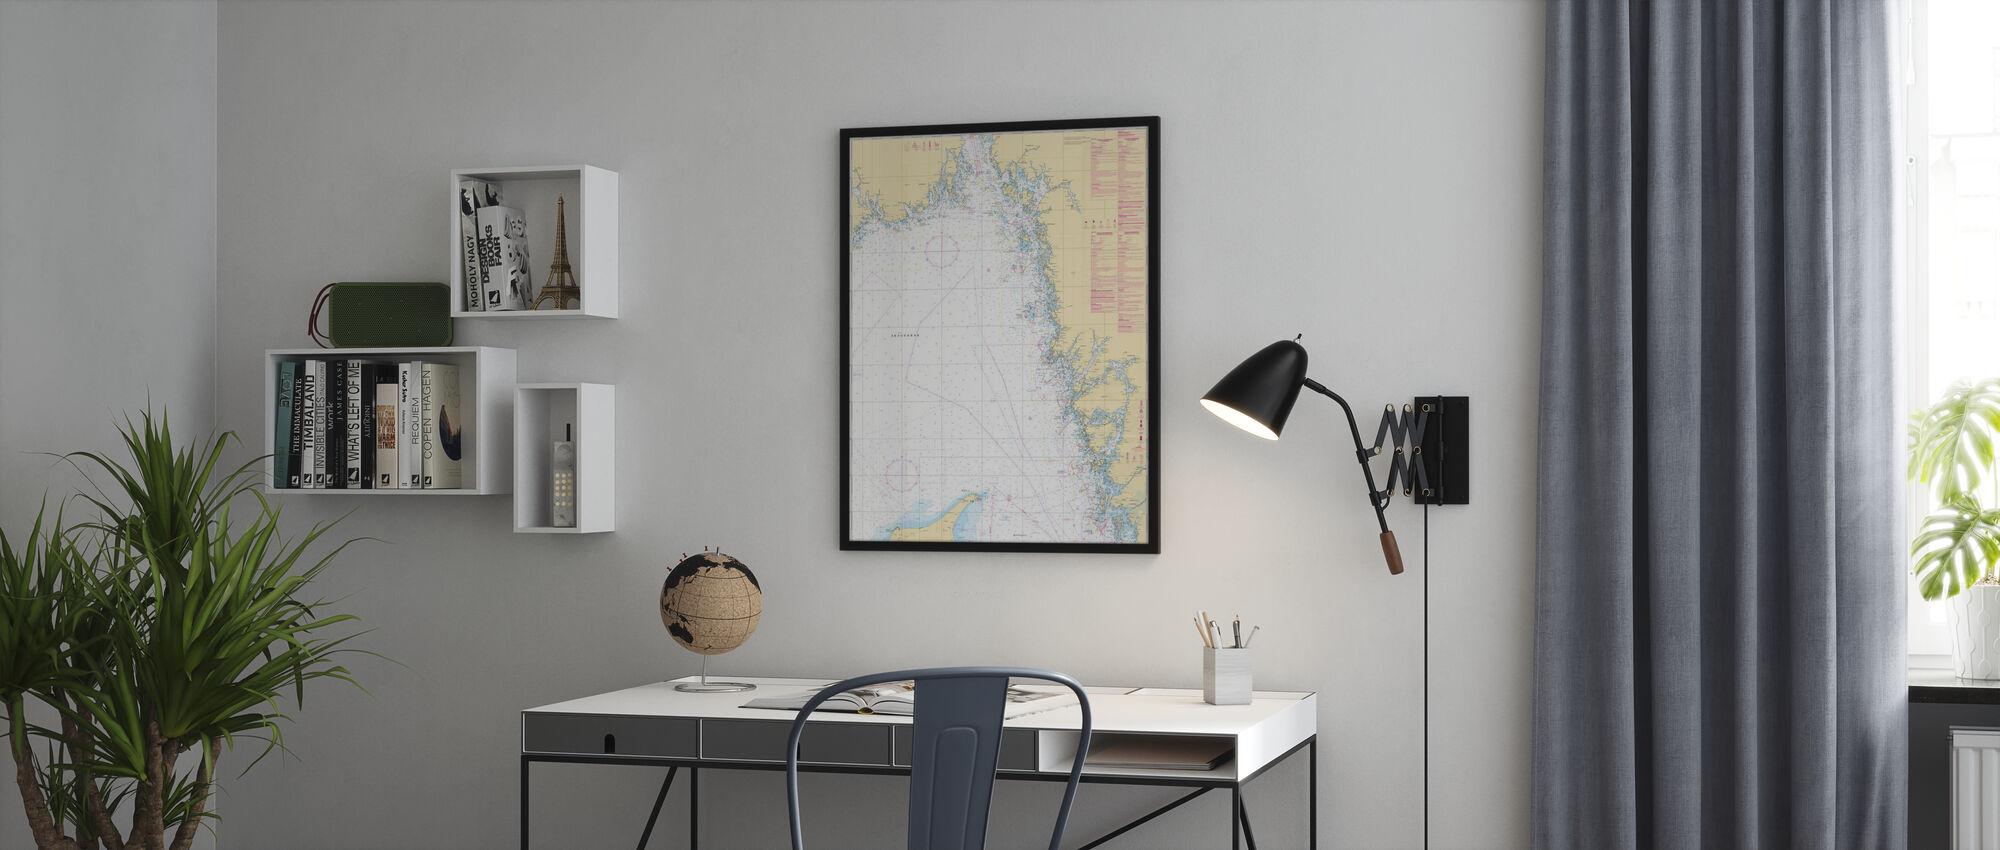 Zeekaart 93 - Skagerrak - Ingelijste print - Kantoor